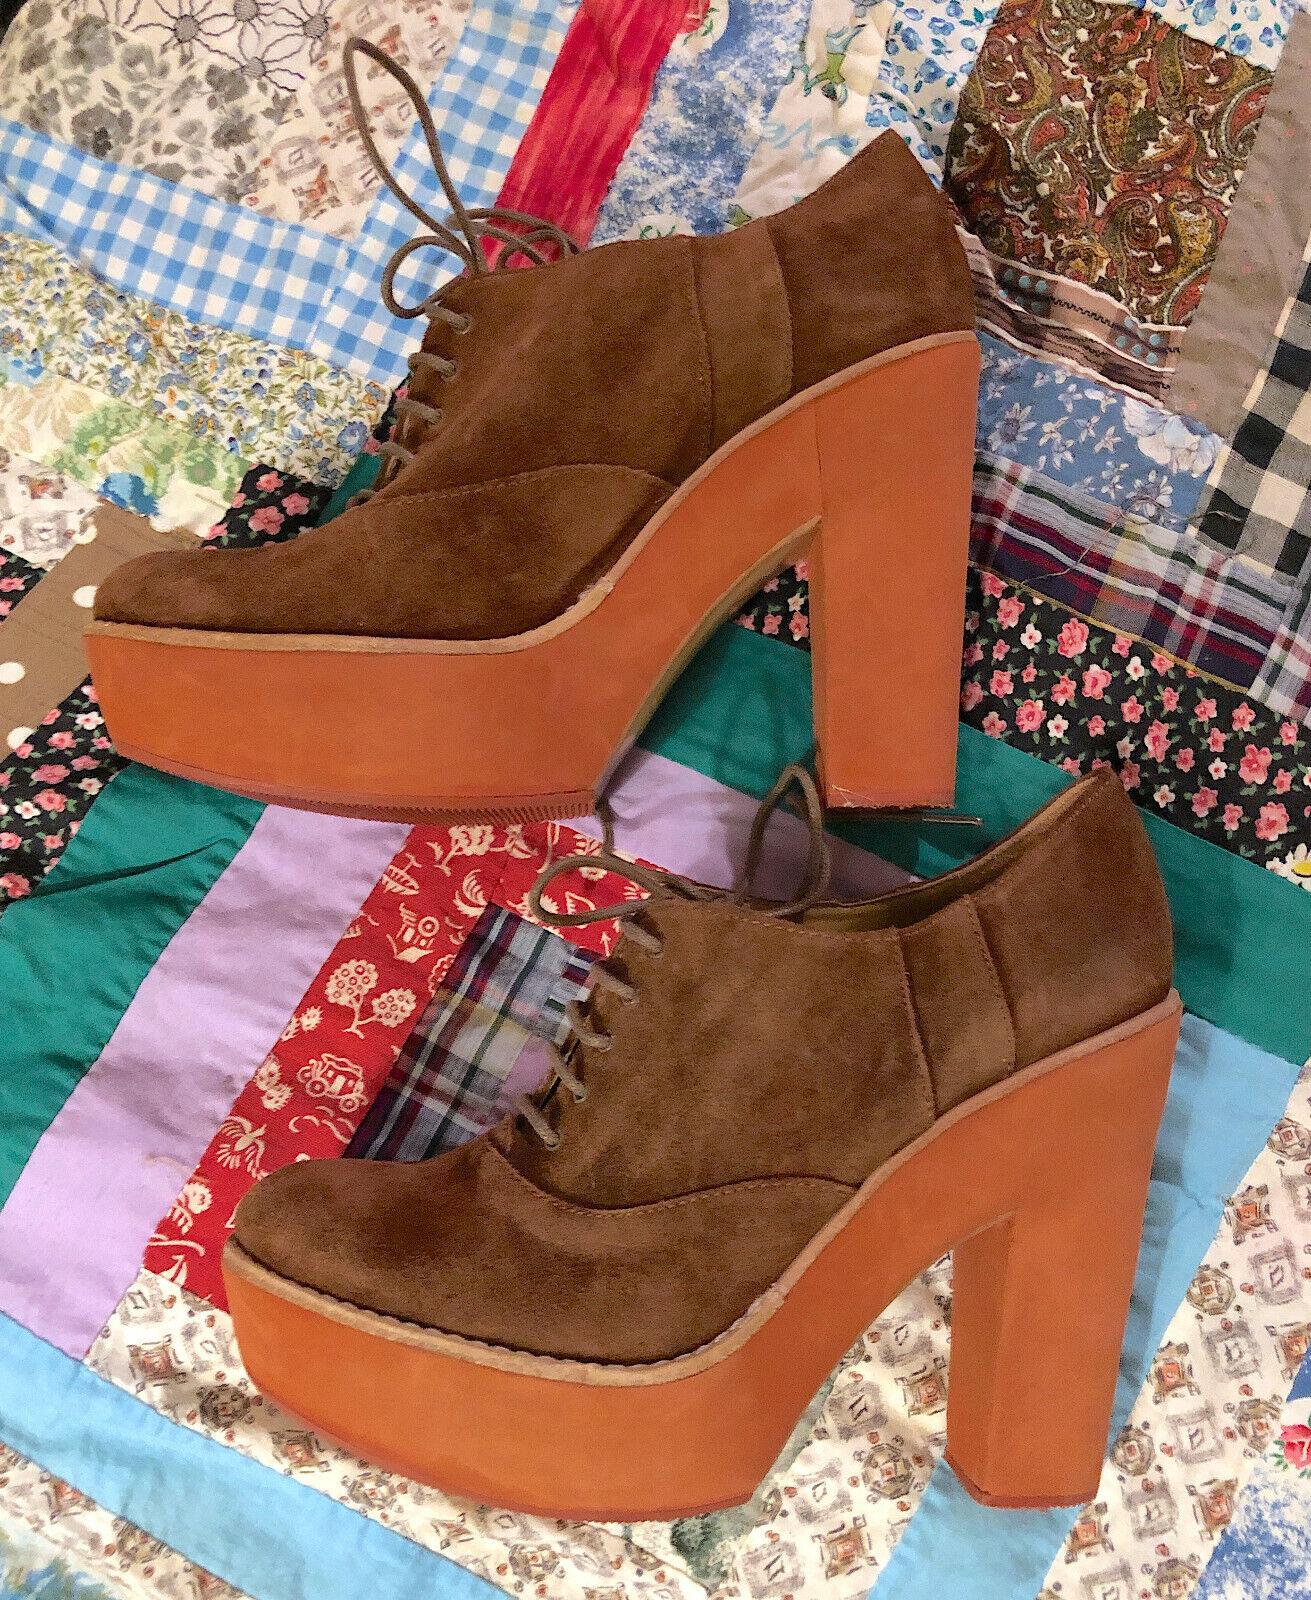 RALPH LAUREN polo femme Dessa Chaussure Mi-mollet en daim compensées à lacets taille 39B (8)